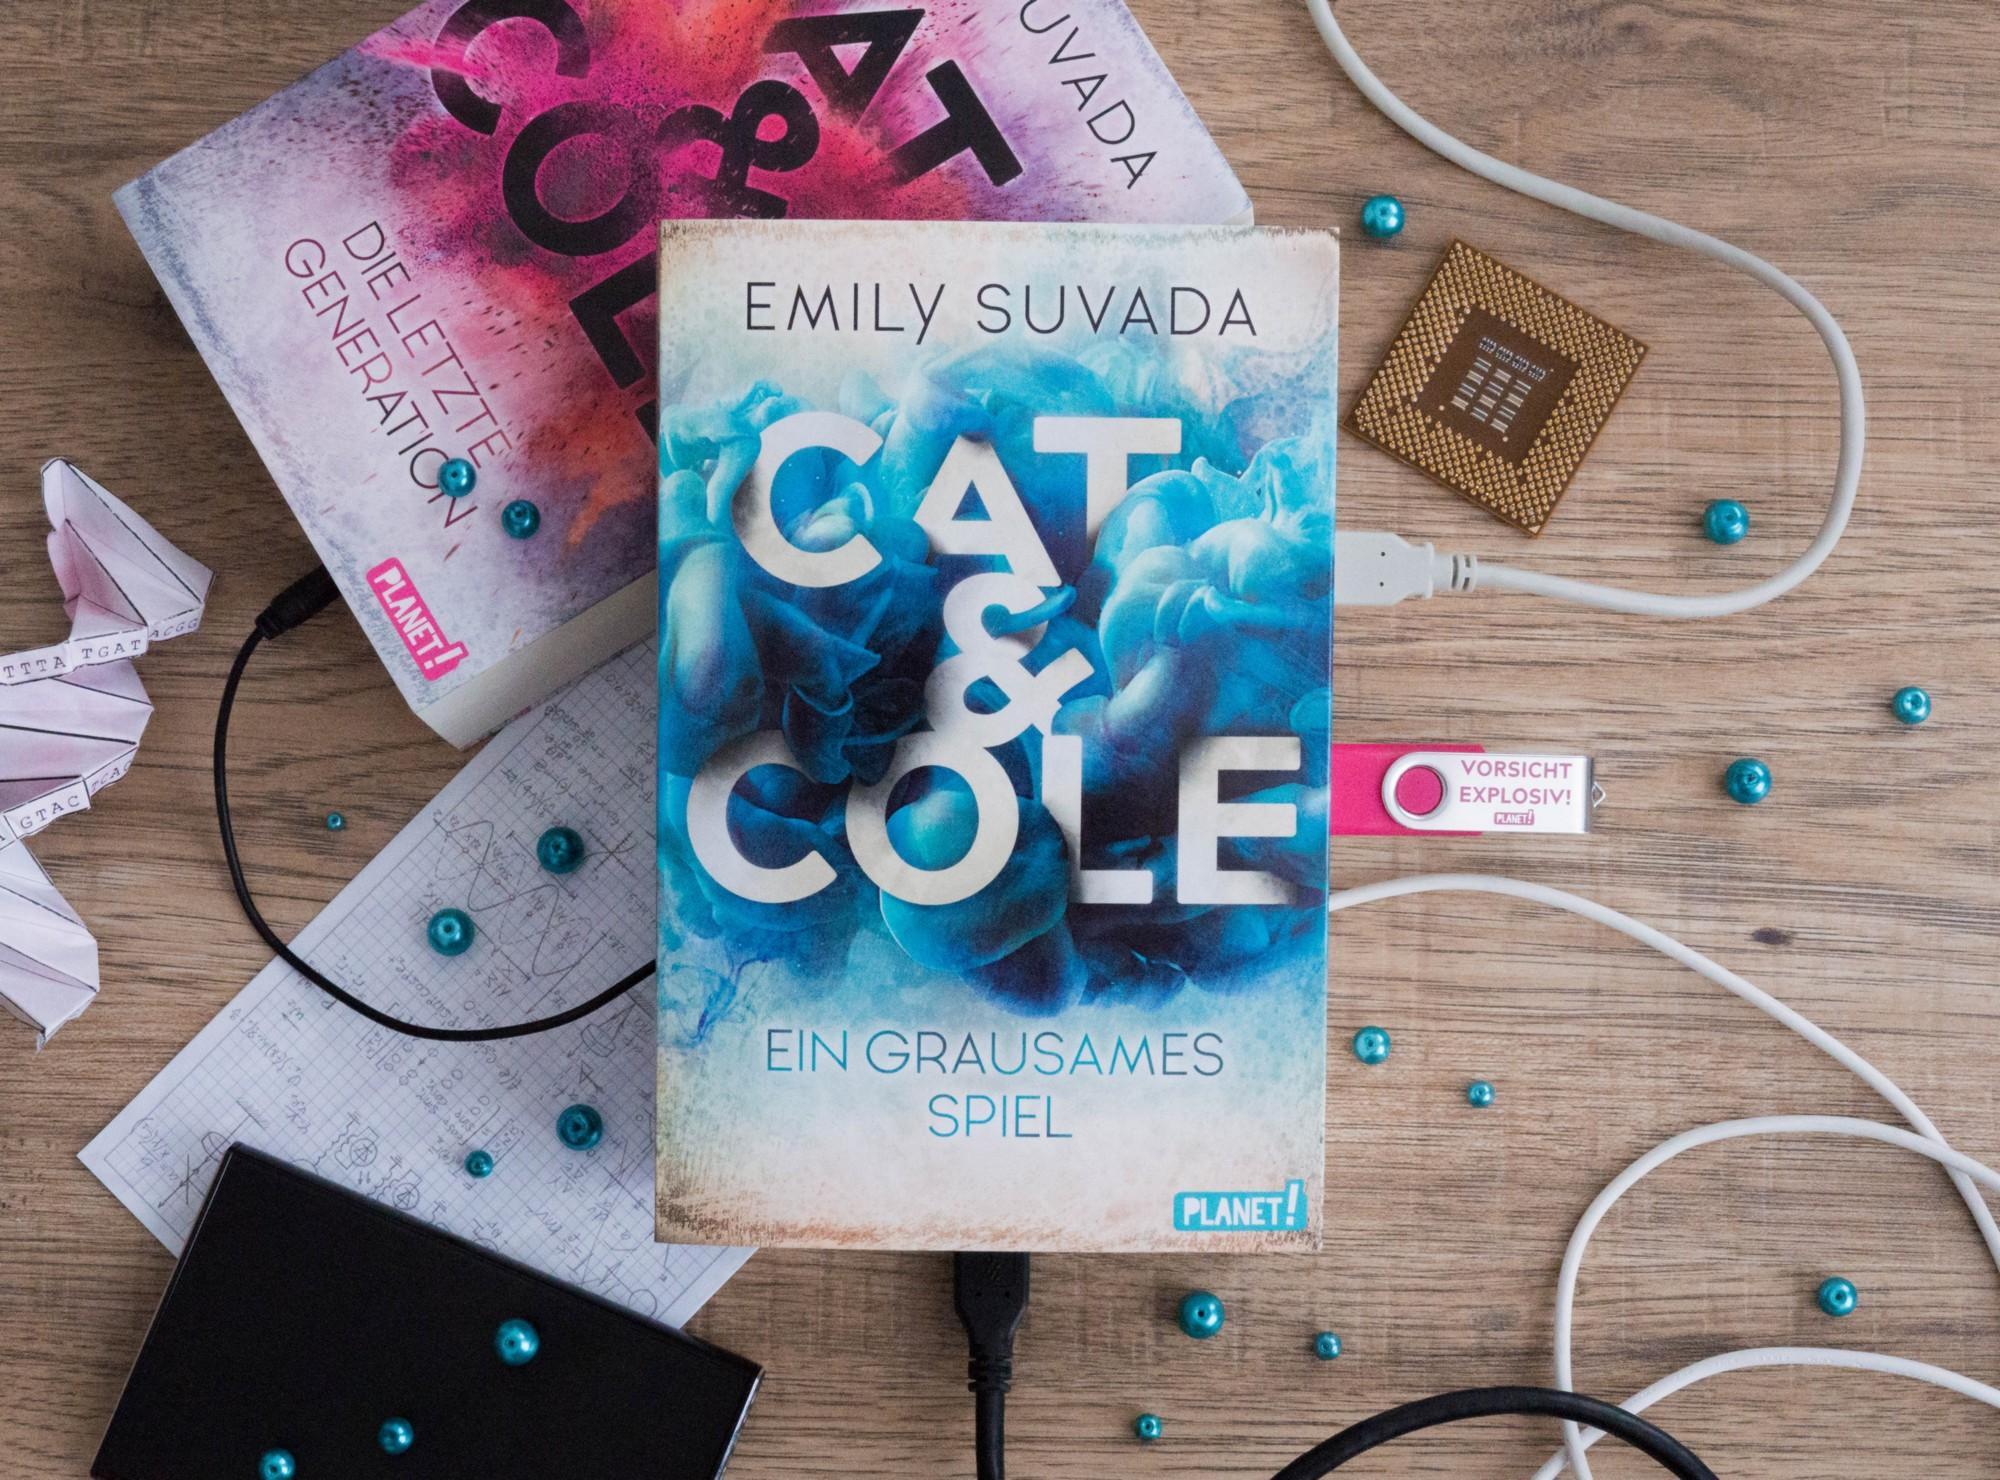 Cat & Cole: Ein grausames Spiel – Emily Suvada graphic